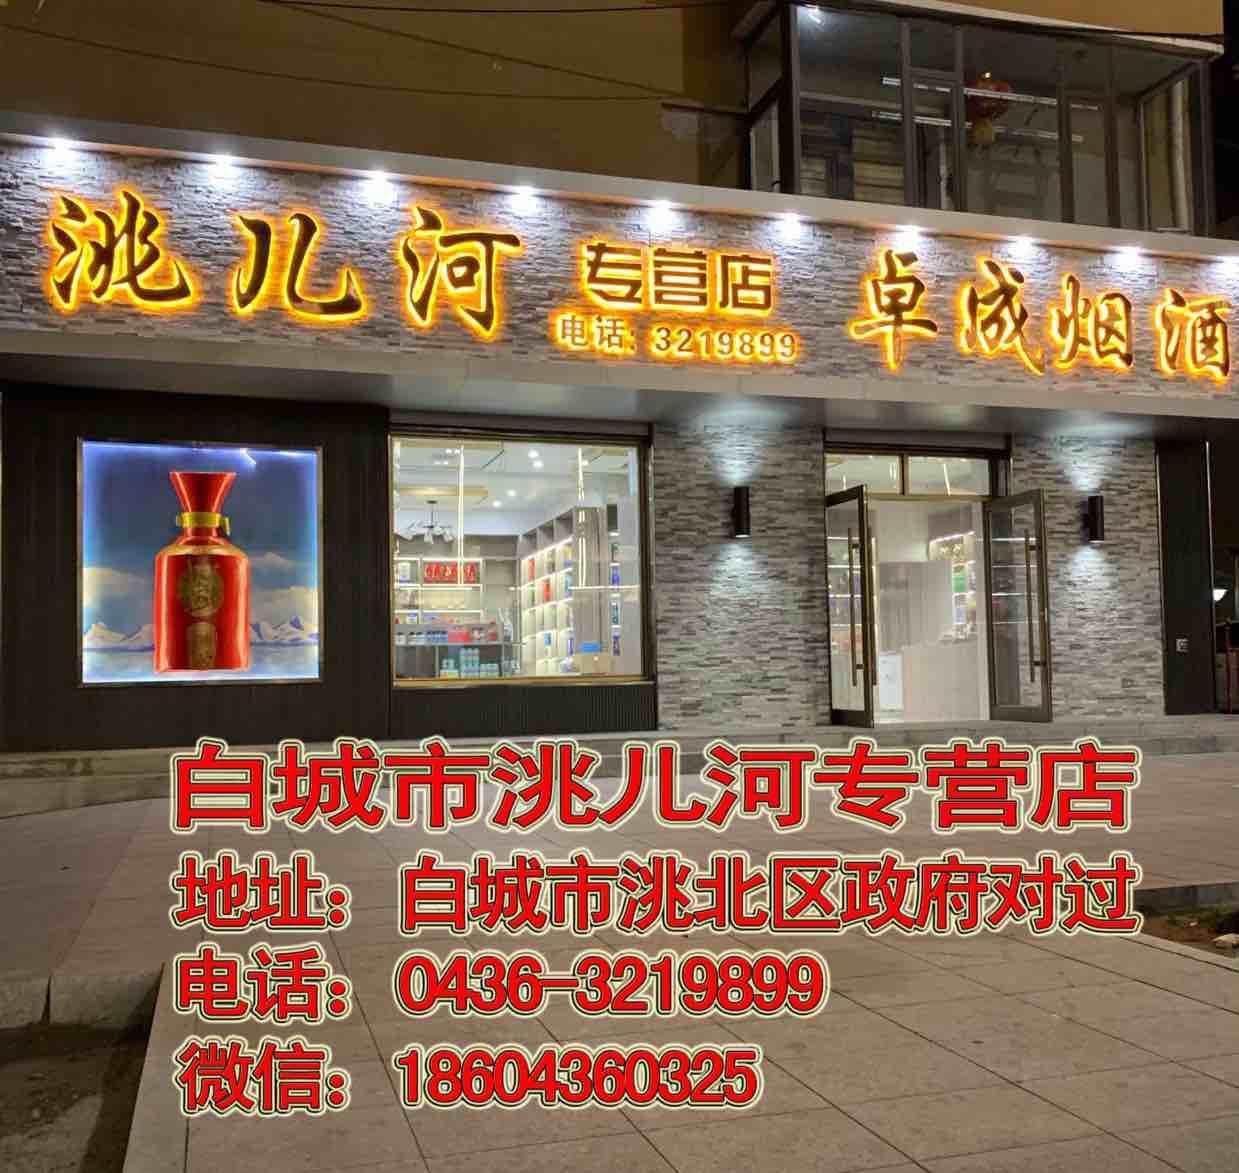 白城洮儿河专营店